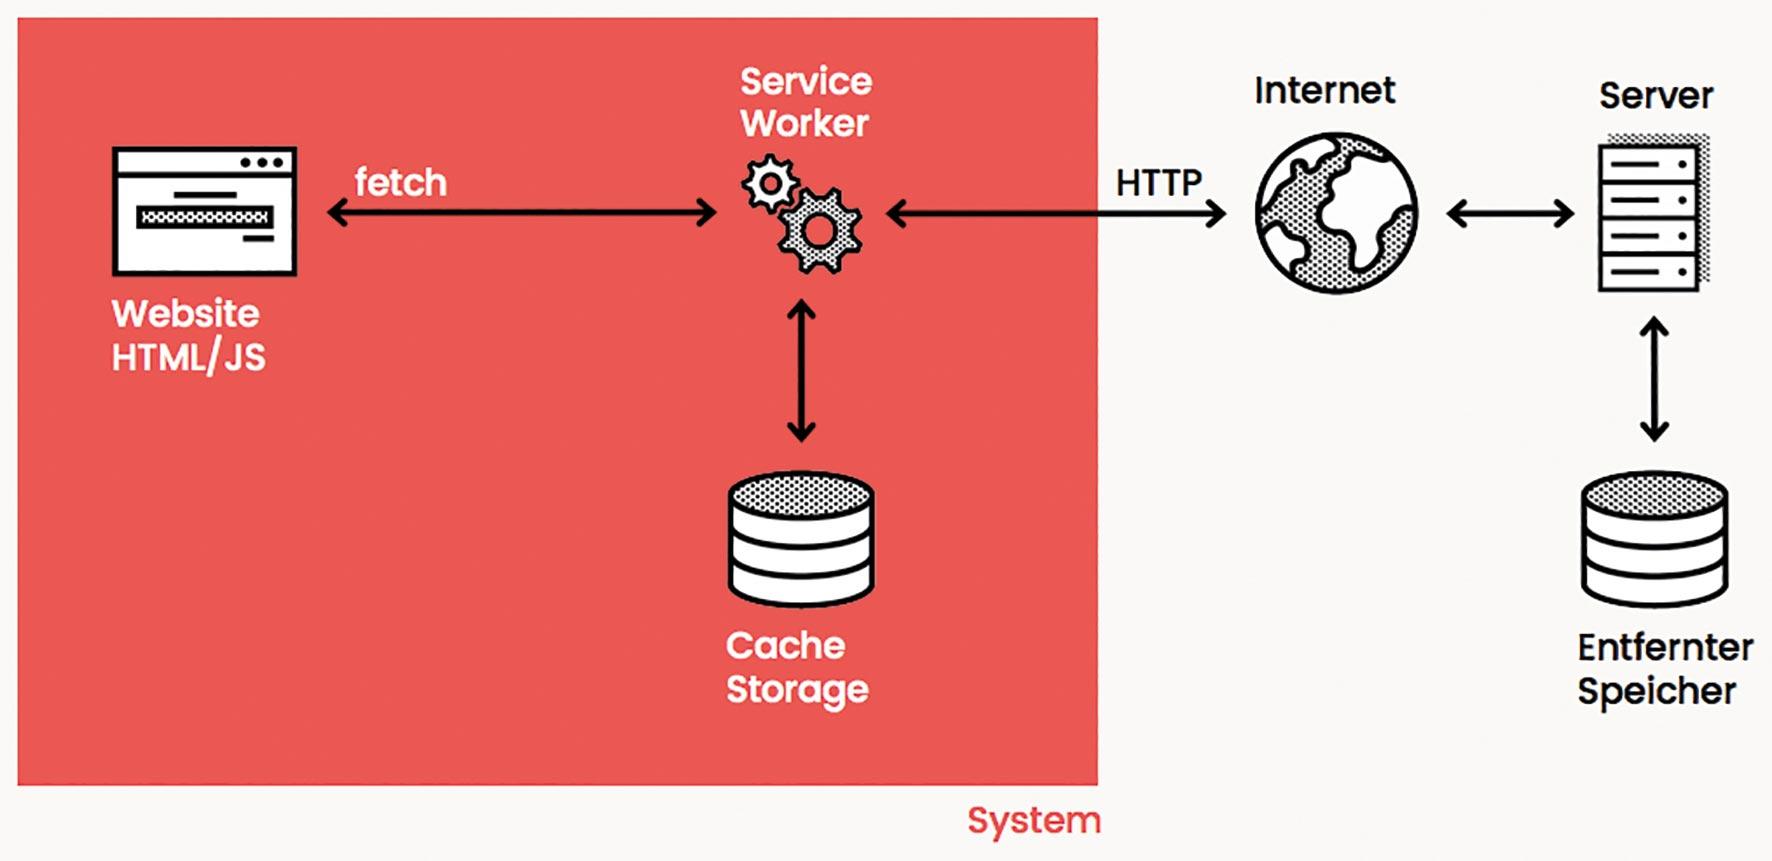 jahr_serviceworker_2.tif_fmt1.jpg